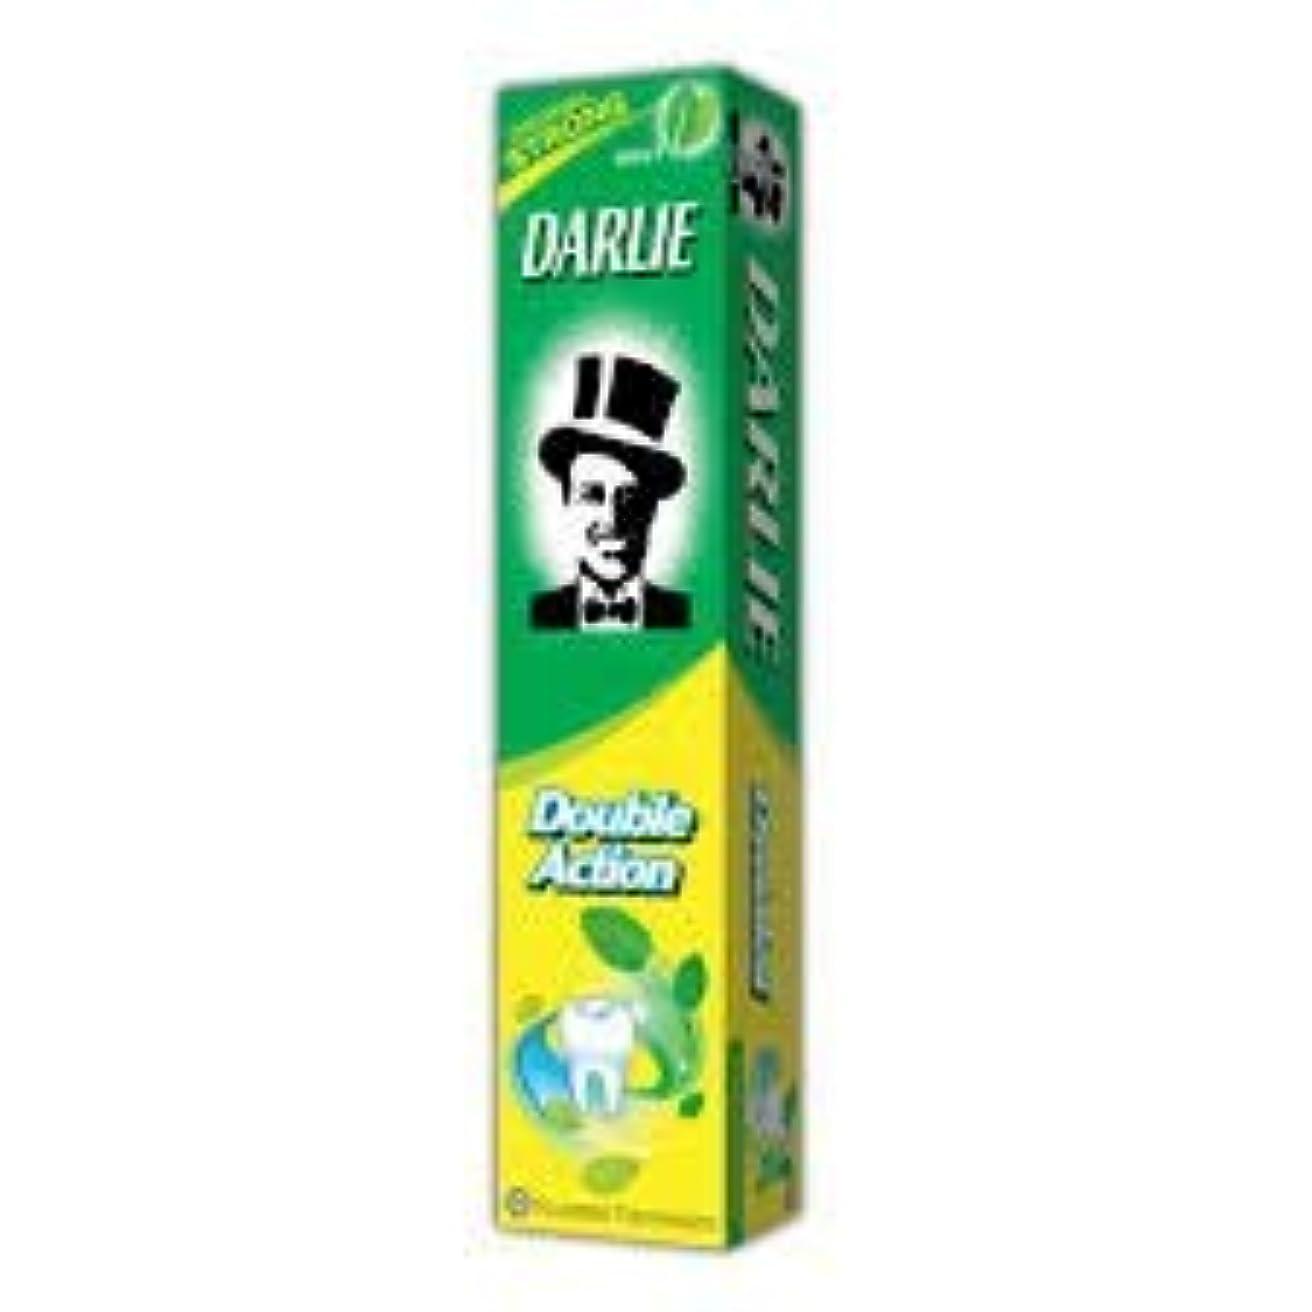 カテゴリーすり大人DARLIE 歯磨き粉ジャンボ 250g-12 時間のためのより長く持続する新鮮な息を与える-効果的に経口細菌を減少させます